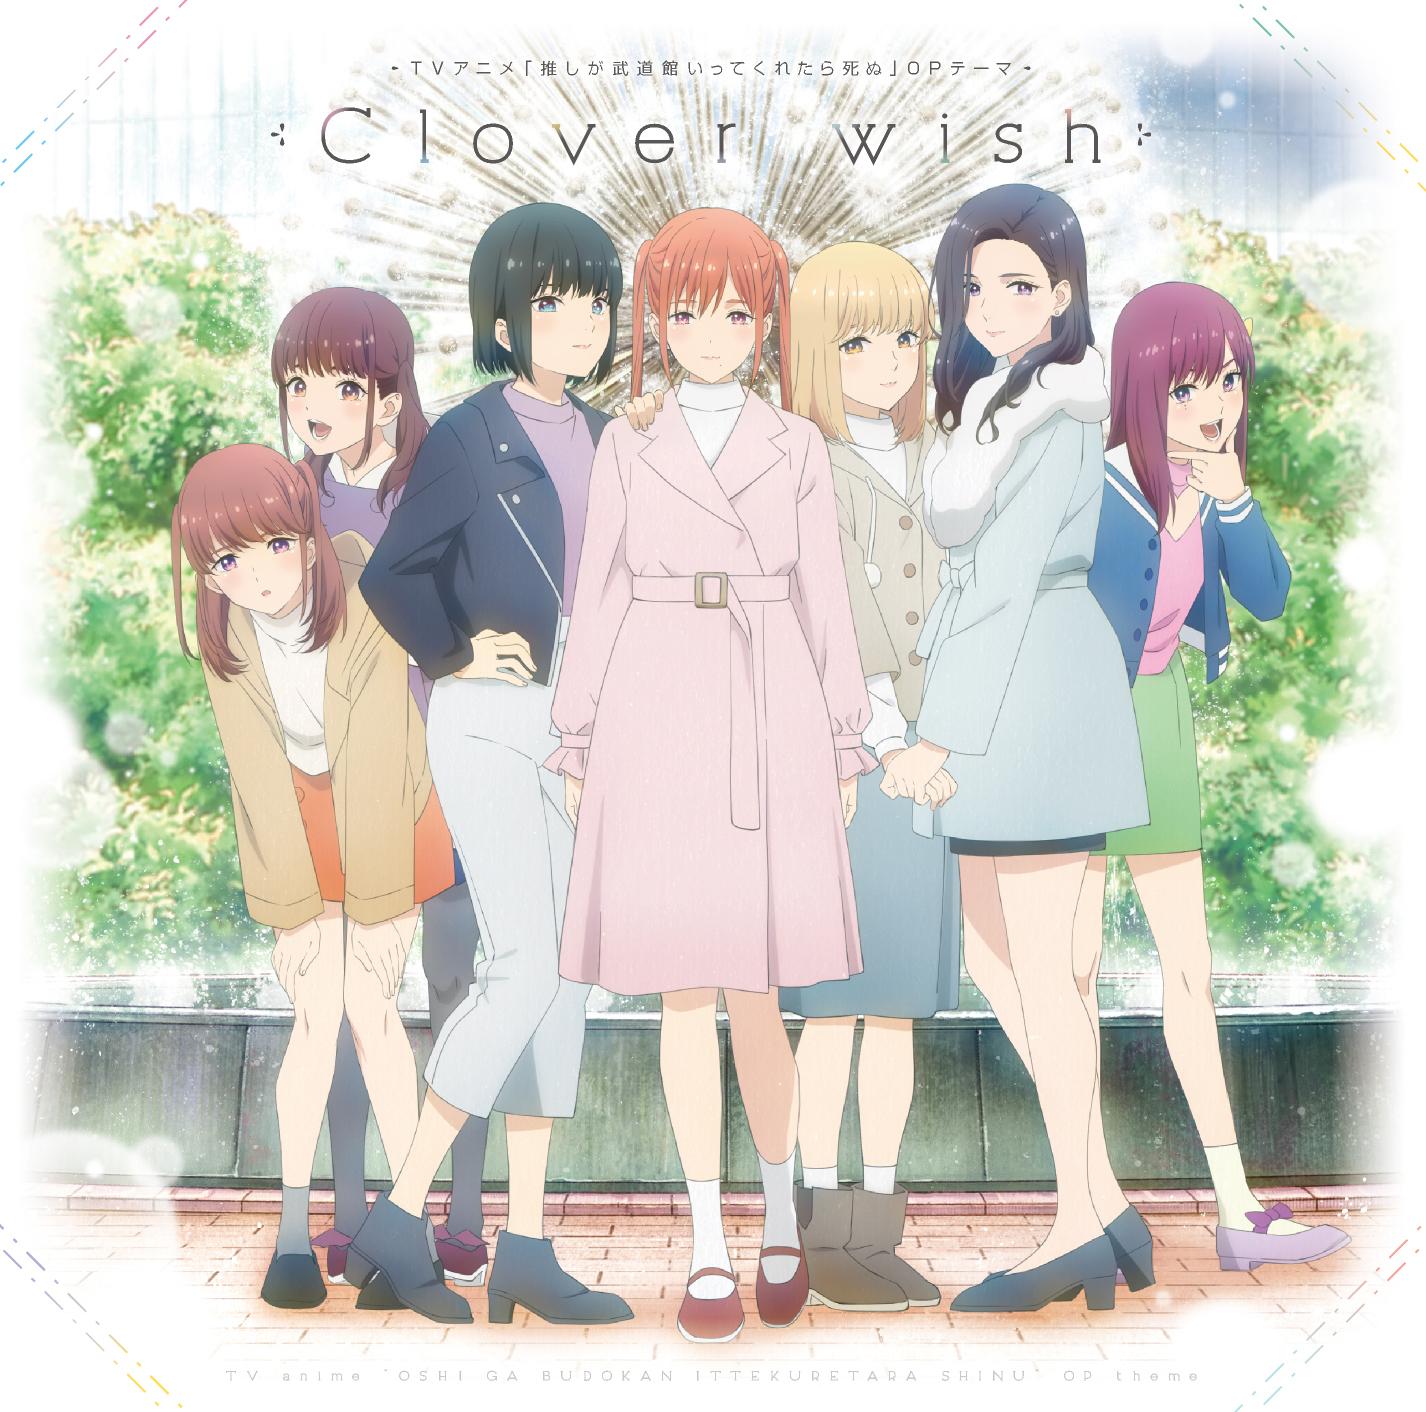 OPテーマ『Clover wish』 (c)平尾アウリ・徳間書店/推し武道製作委員会